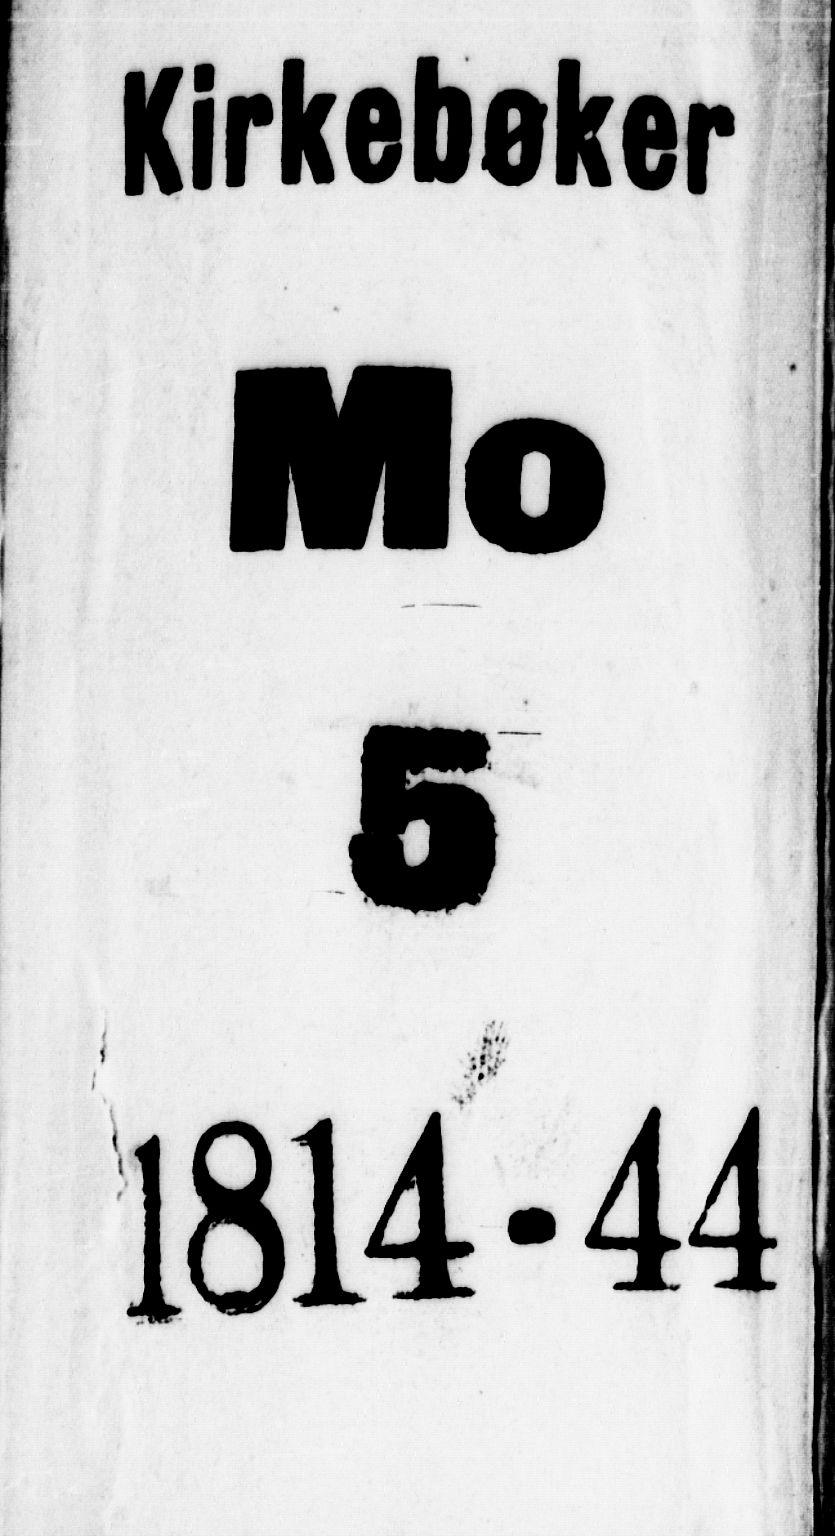 SAKO, Mo kirkebøker, F/Fa/L0004: Ministerialbok nr. I 4, 1814-1844